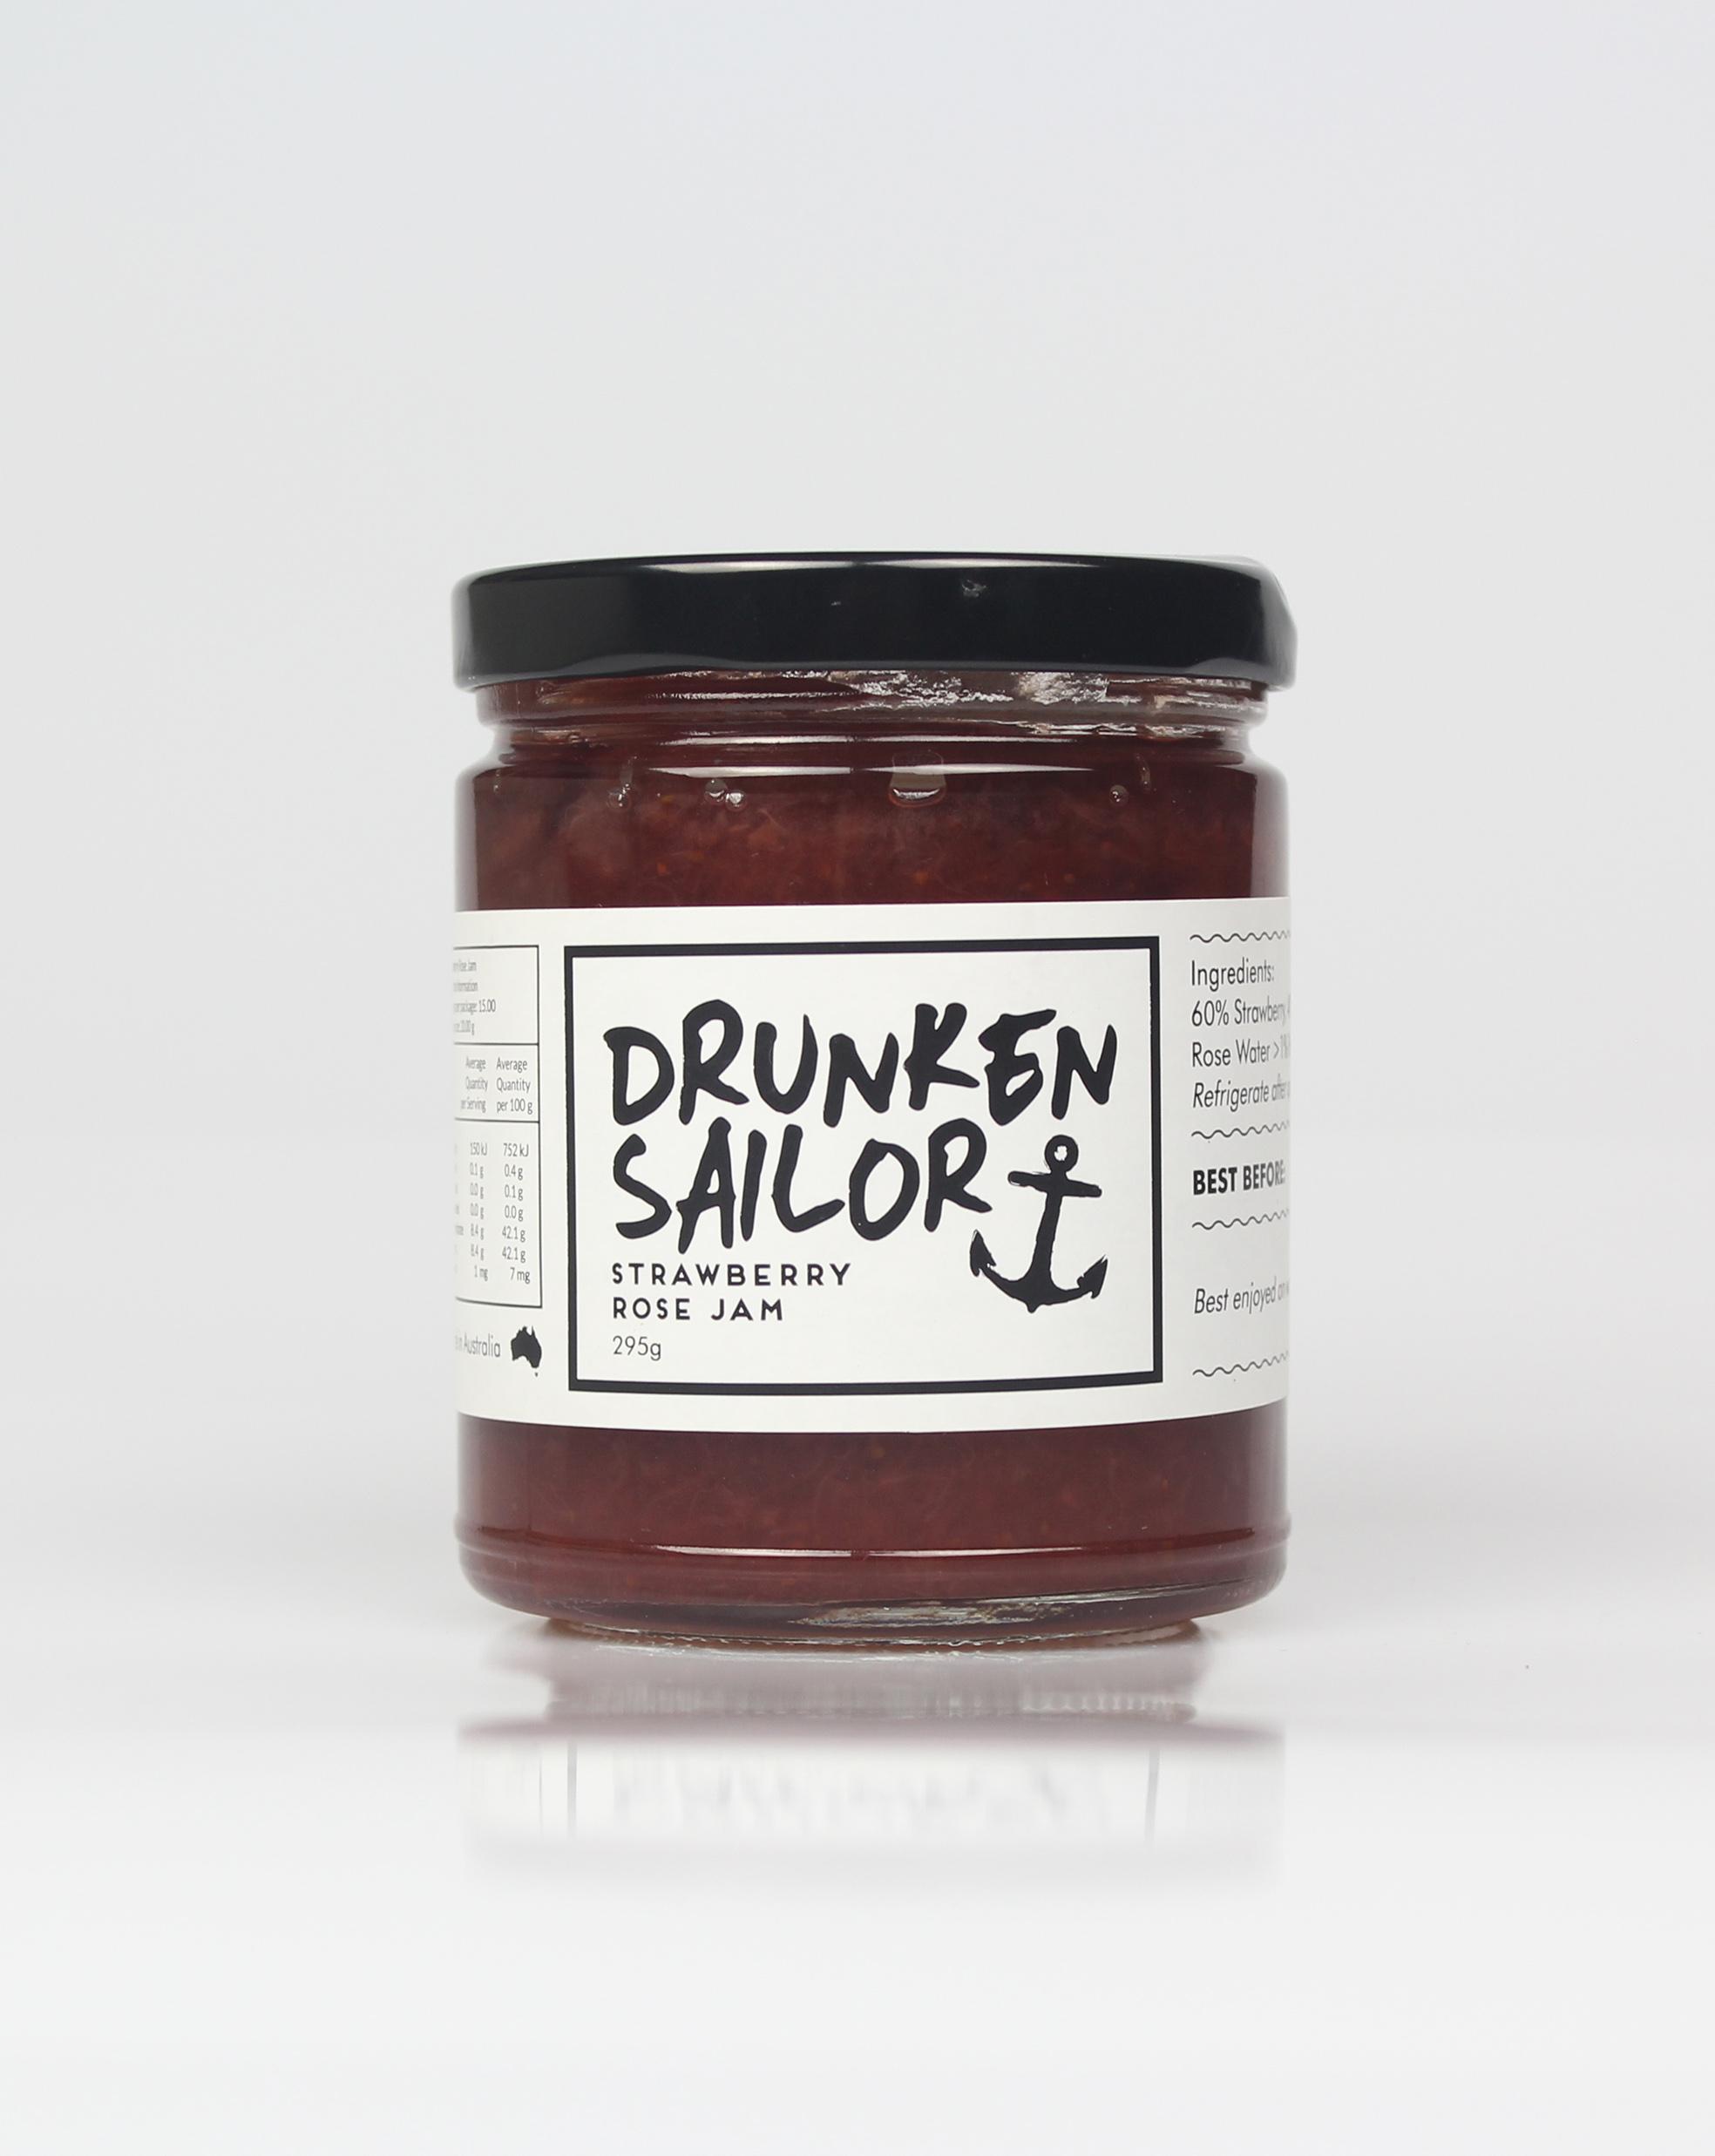 Drunken Sailor Strawberry Rose Jam 260g